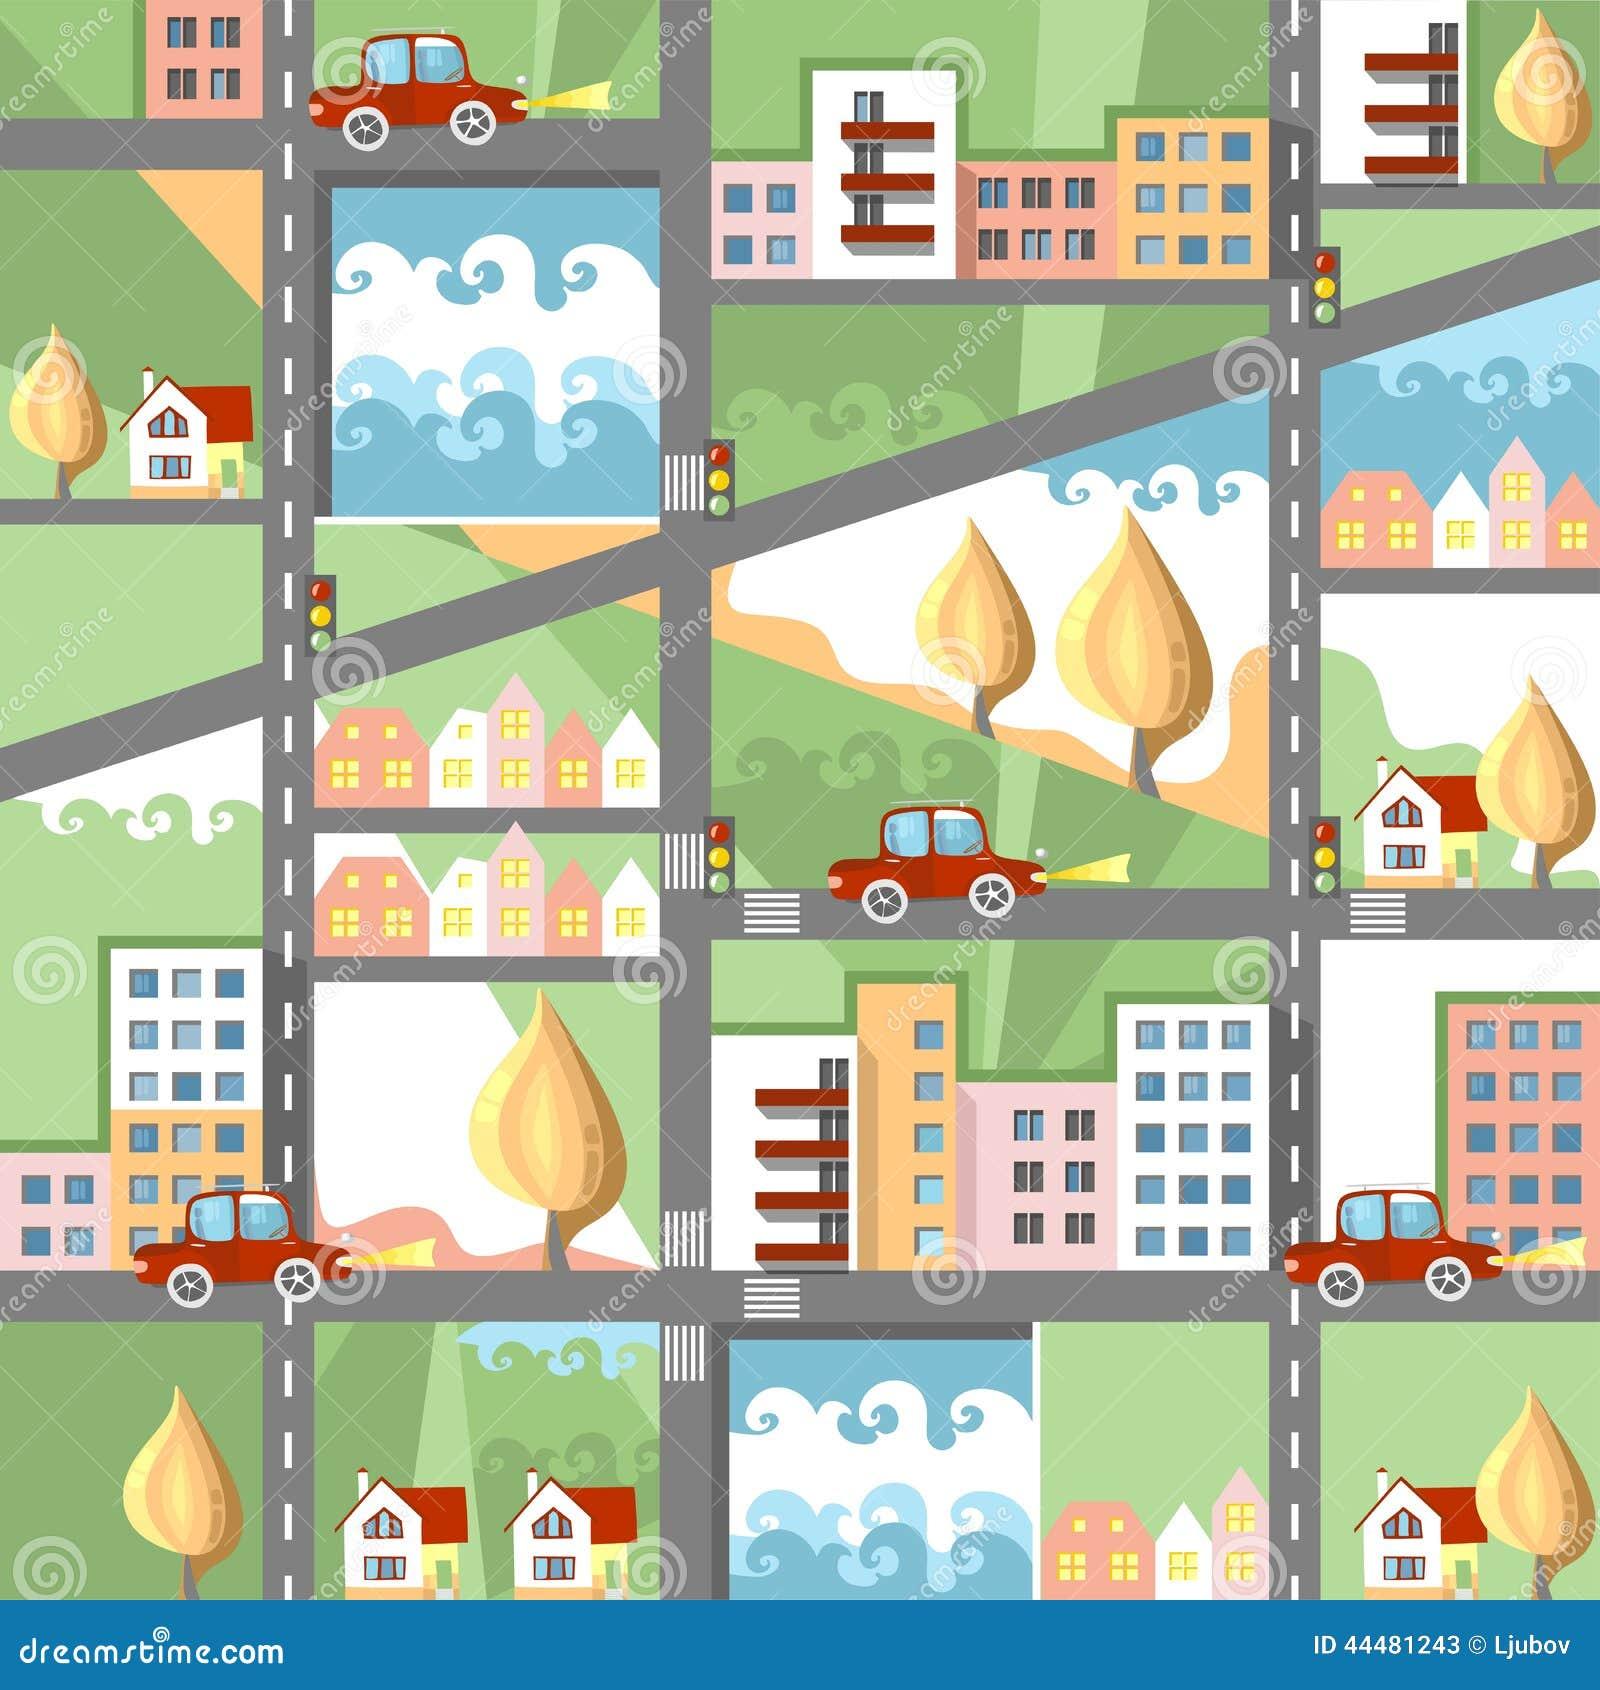 Cute cartoon city map stock vector image 44481243 - Inmobiliarias en villagarcia de arosa ...